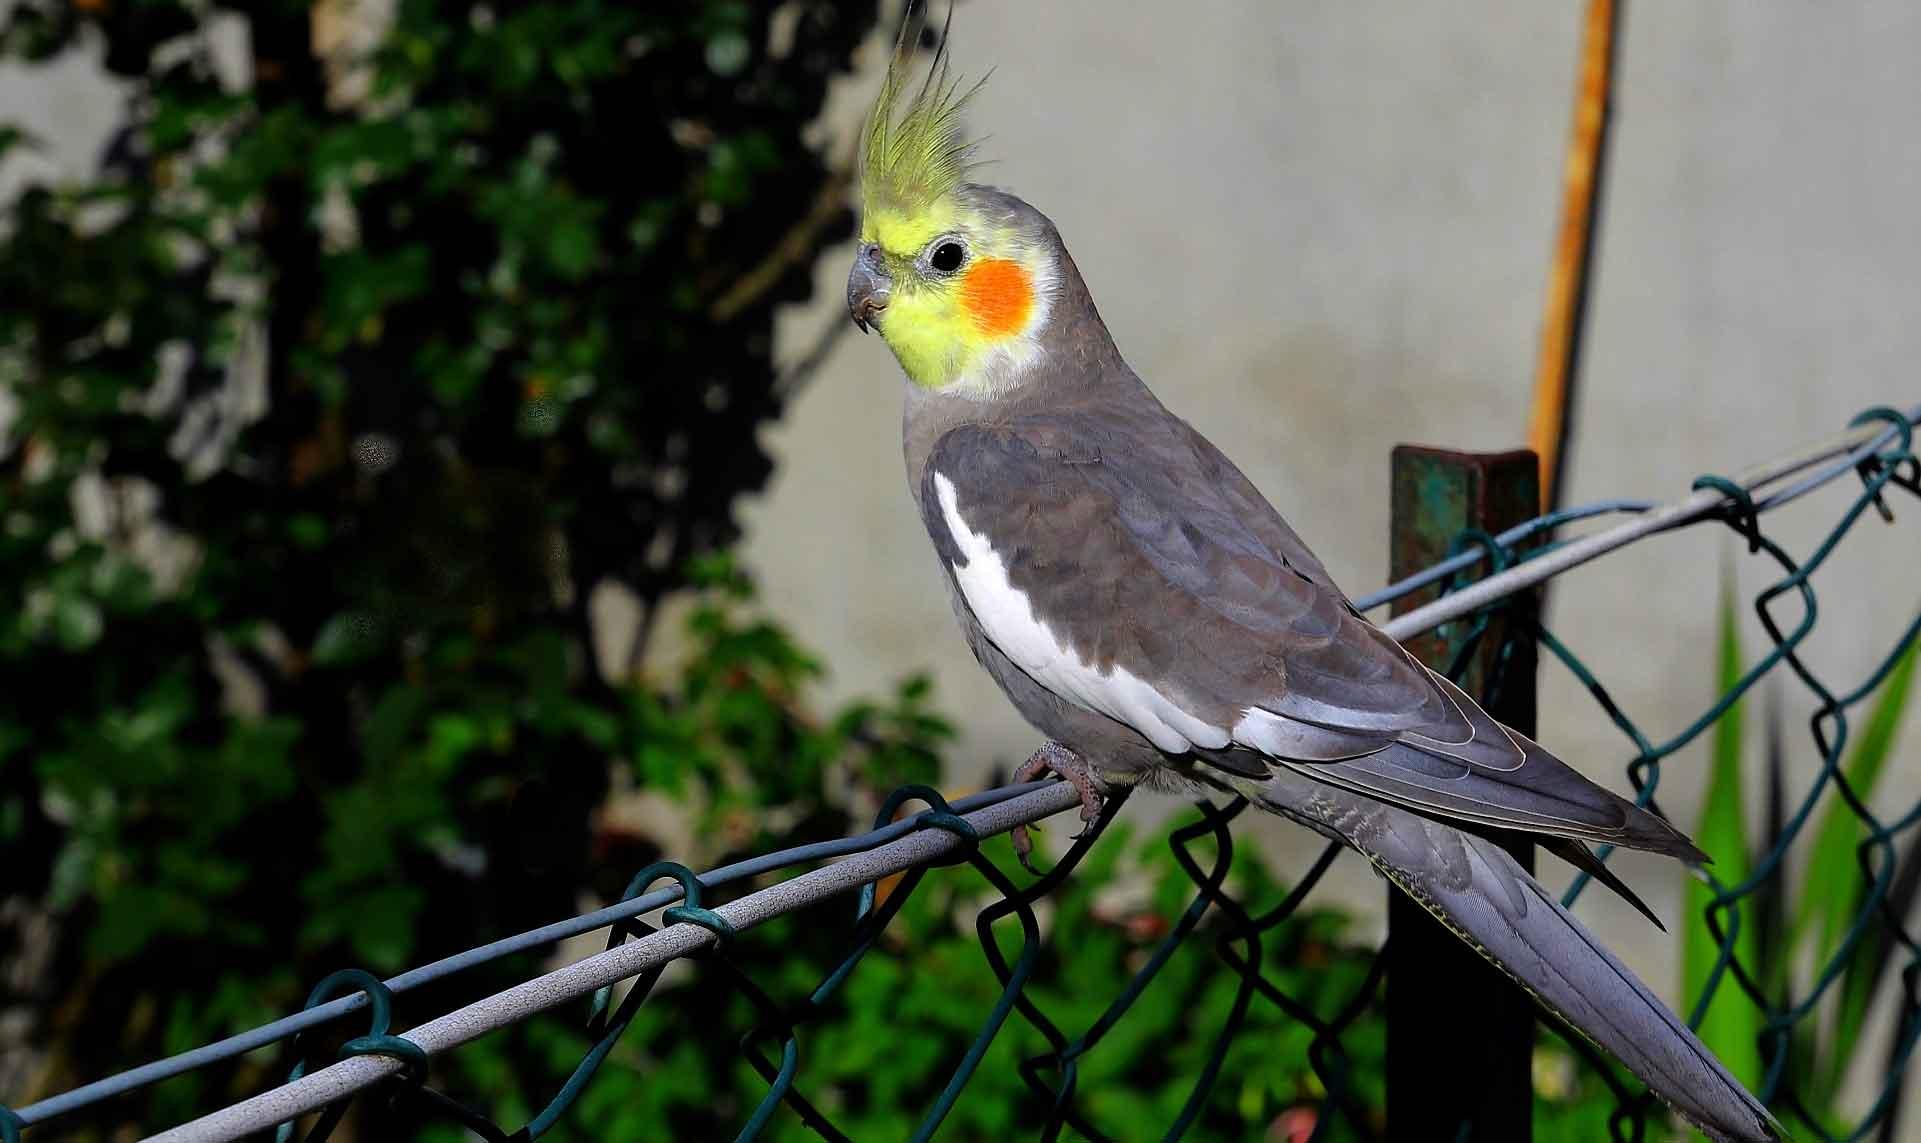 Корелла выглядит небольшой птицей